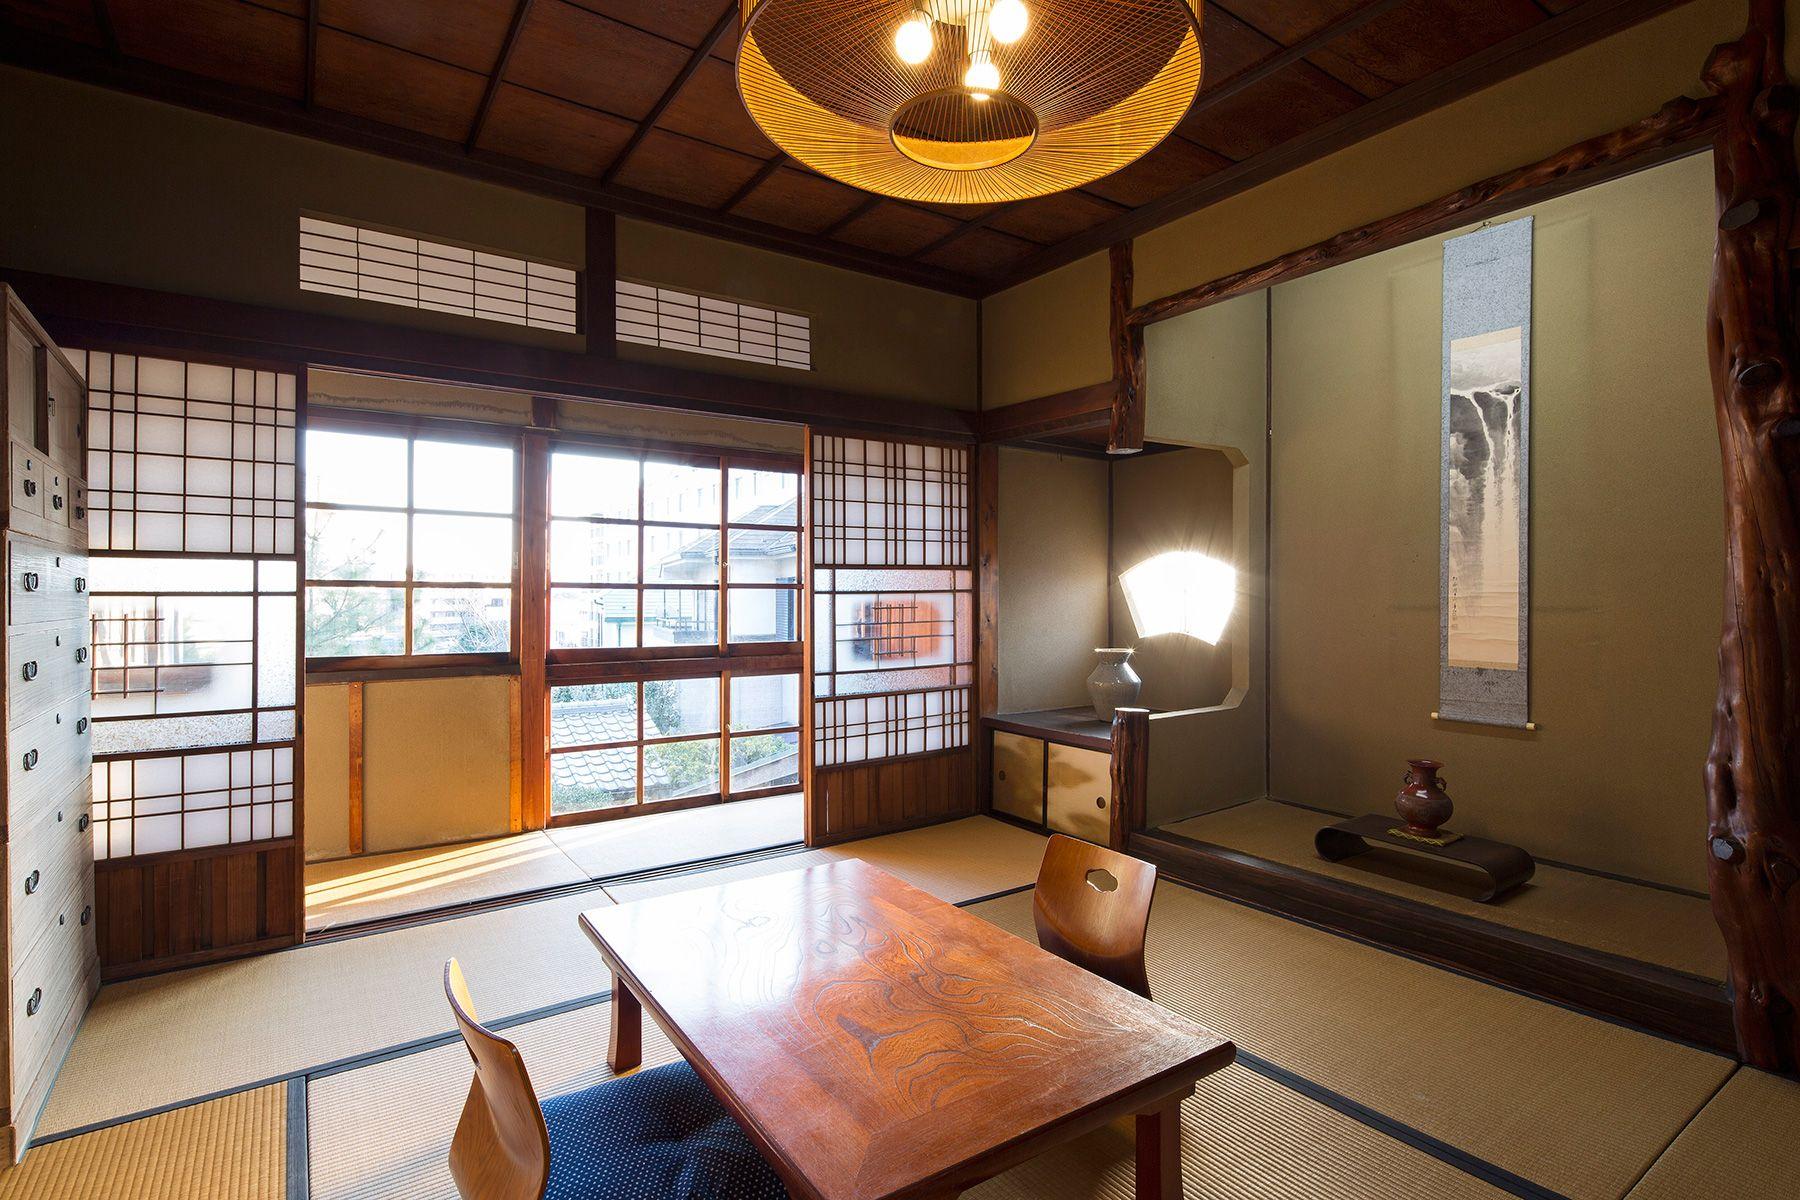 旅館 喜多屋 (キタヤ)2階客室1